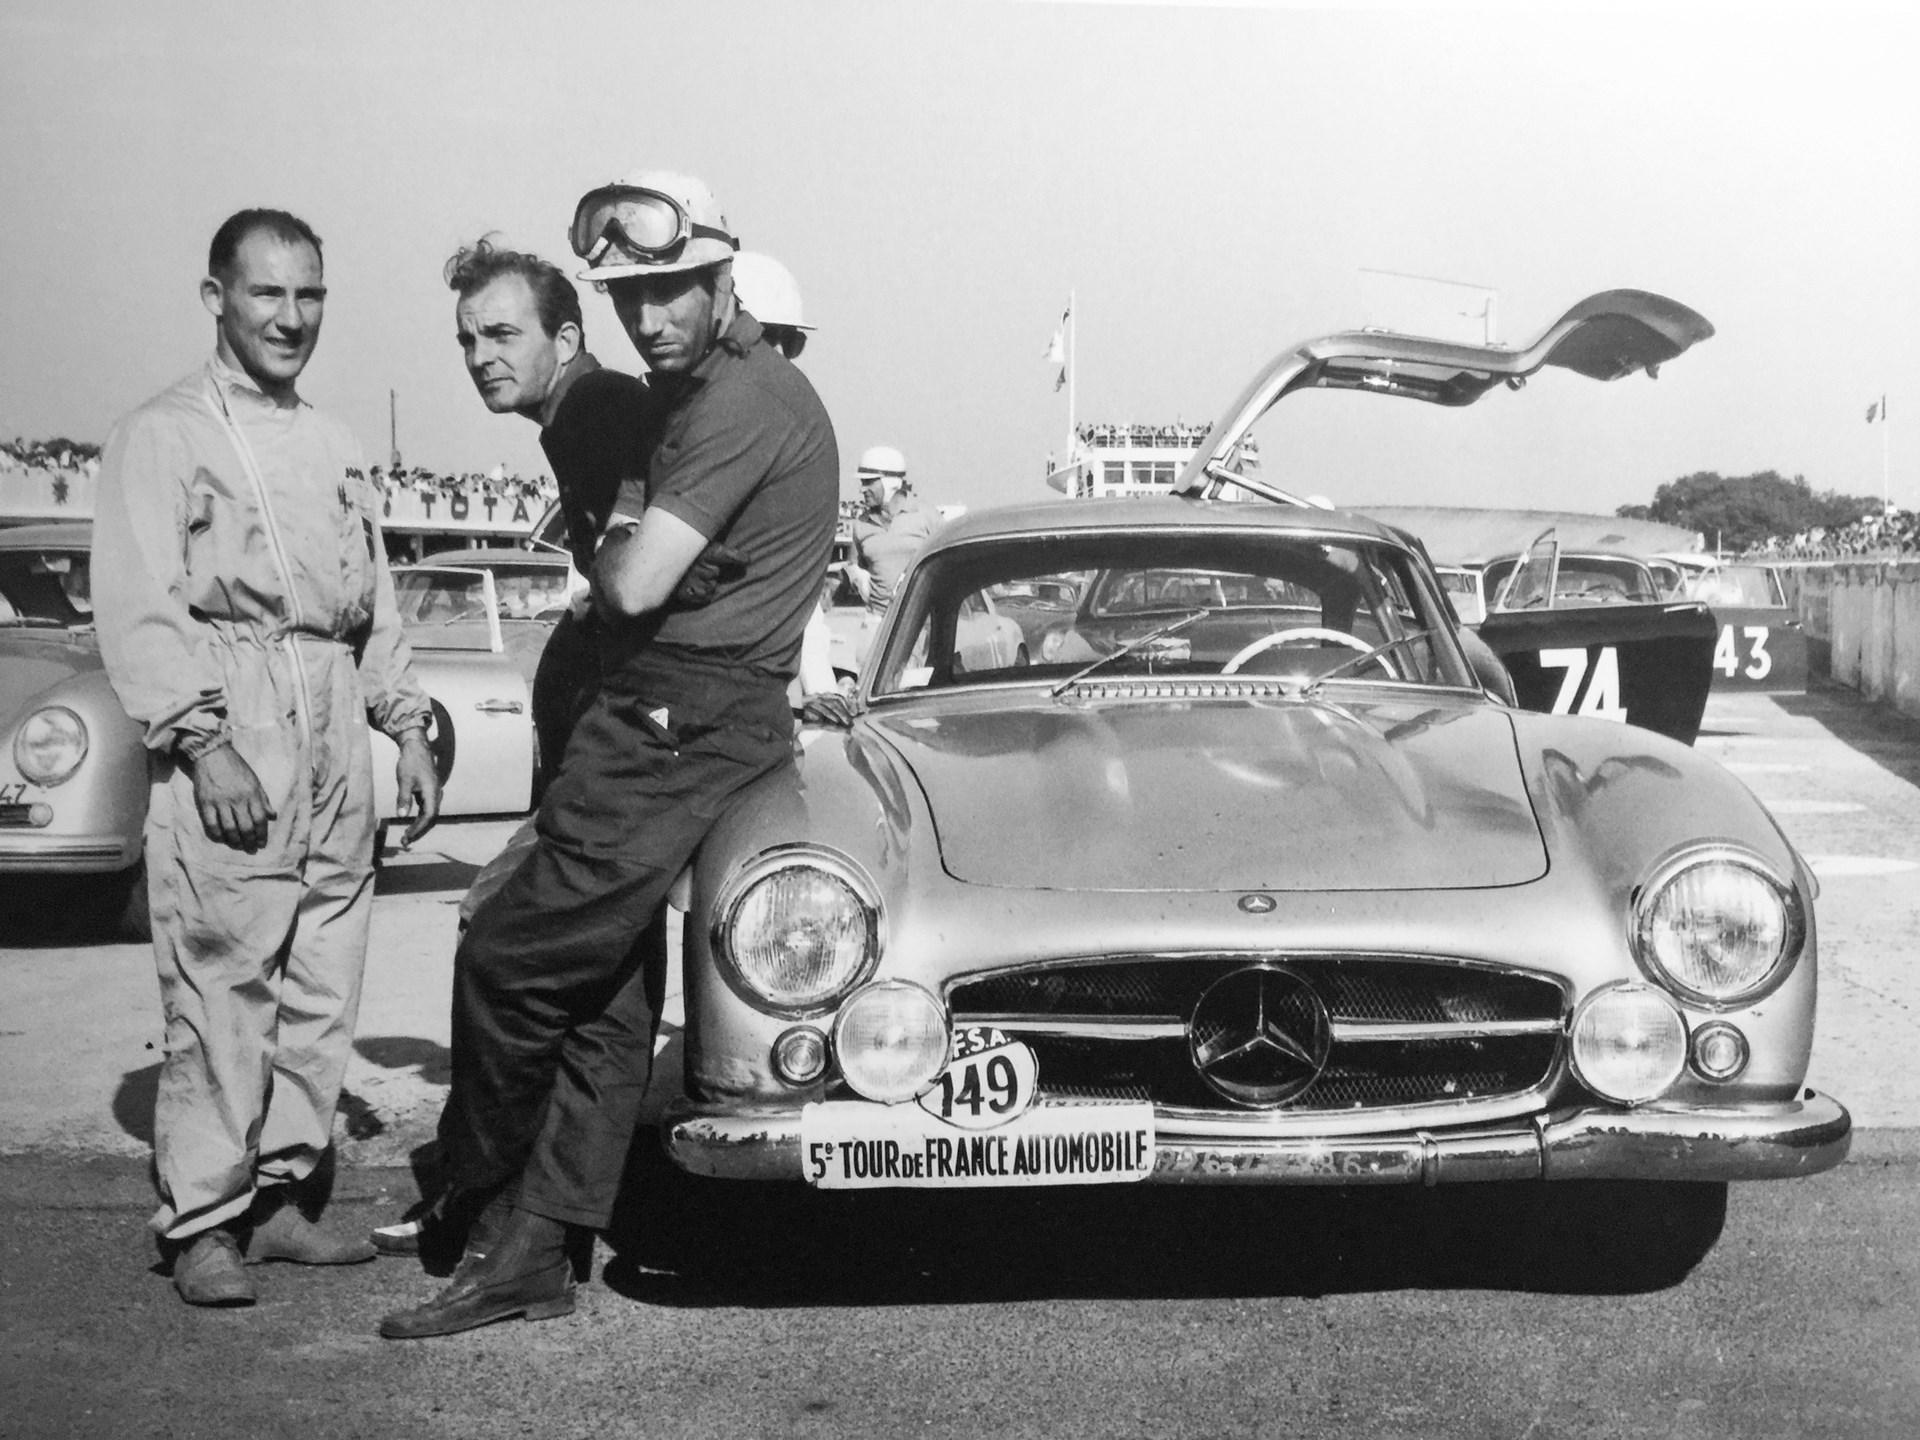 1955 Mercedes-Benz 300 SL 'Sportabteilung' Gullwing